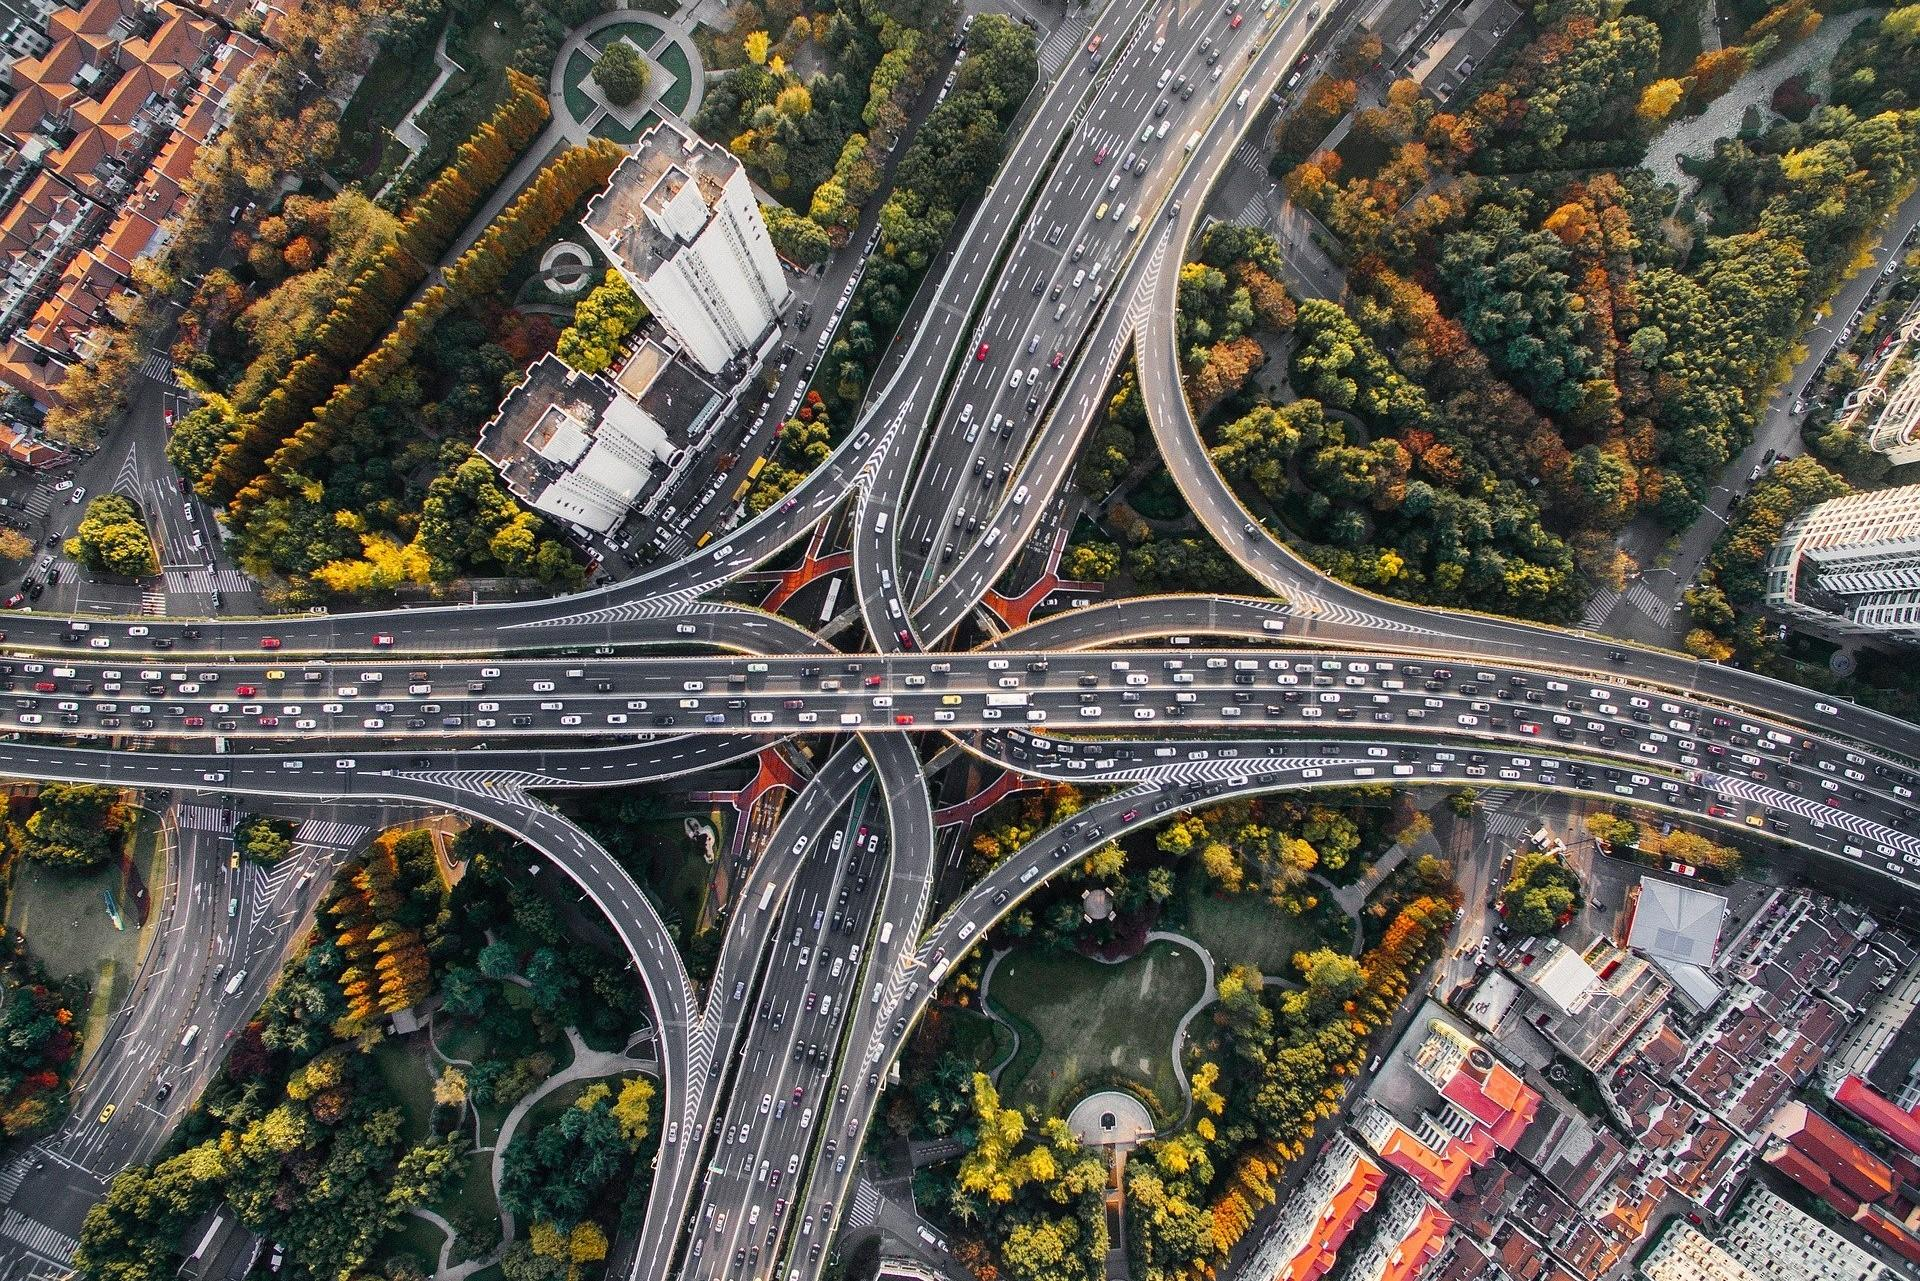 Bild Autobahnkreuz, Quelle: Bild von Pexels auf Pixabay